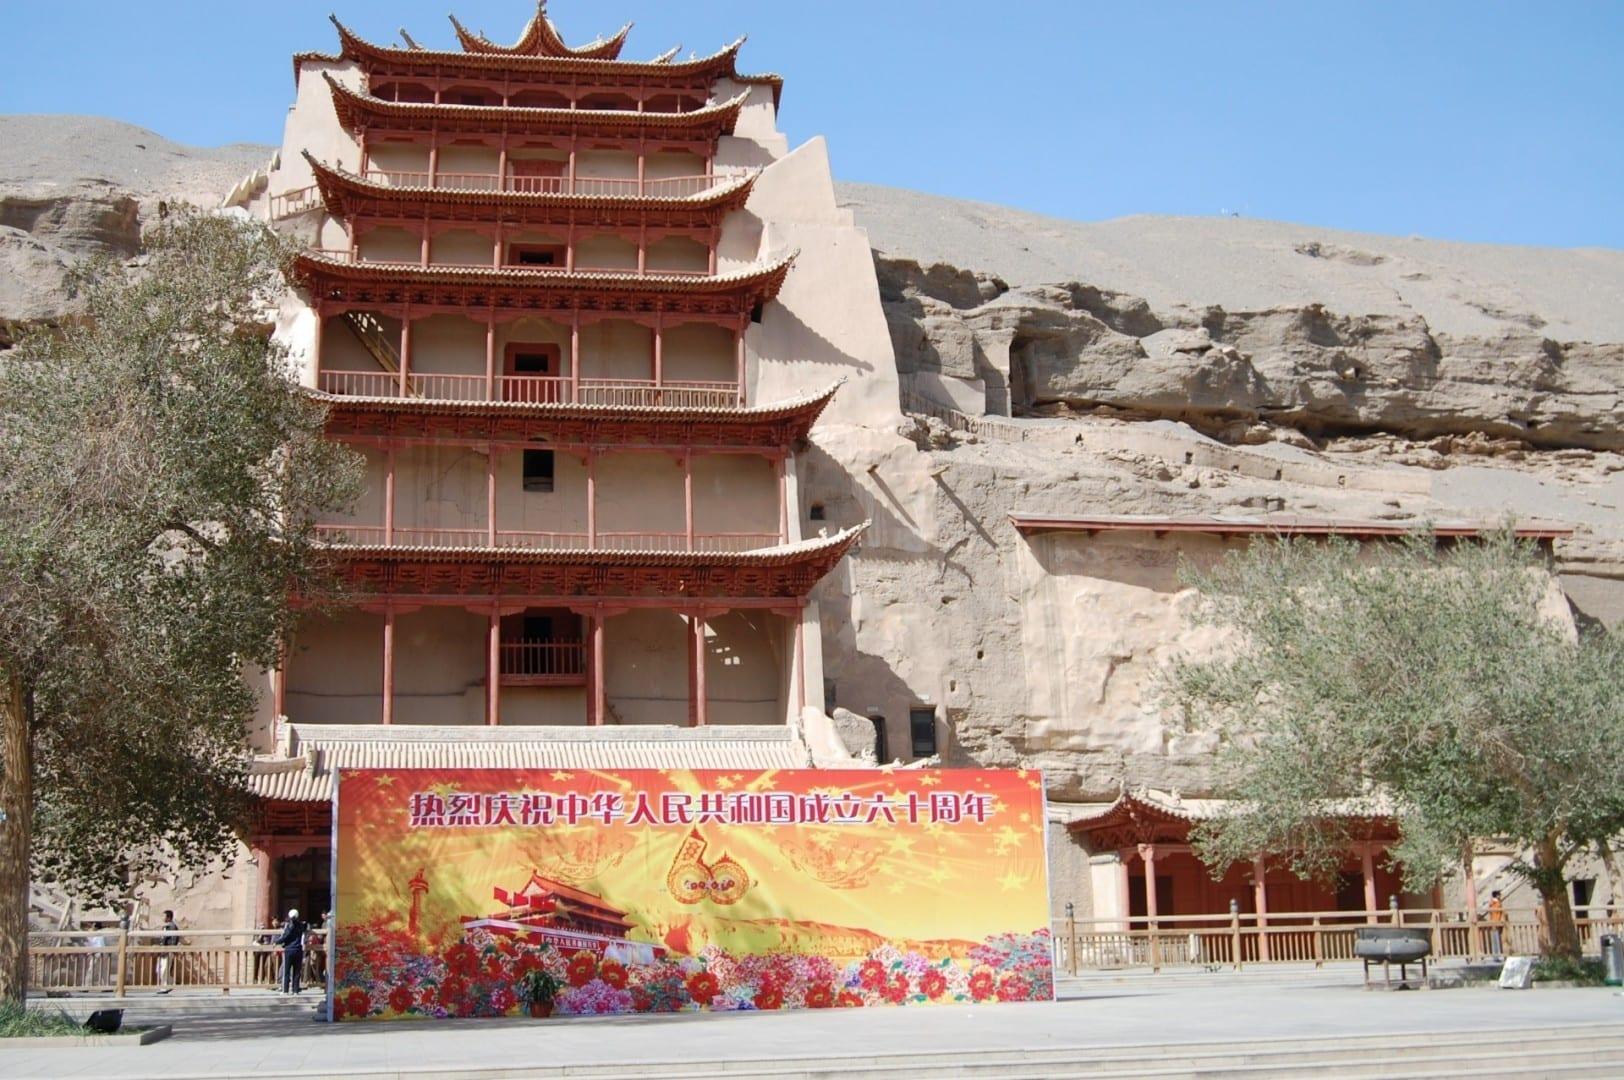 Entrada a un grupo de cuevas Dunhuang China